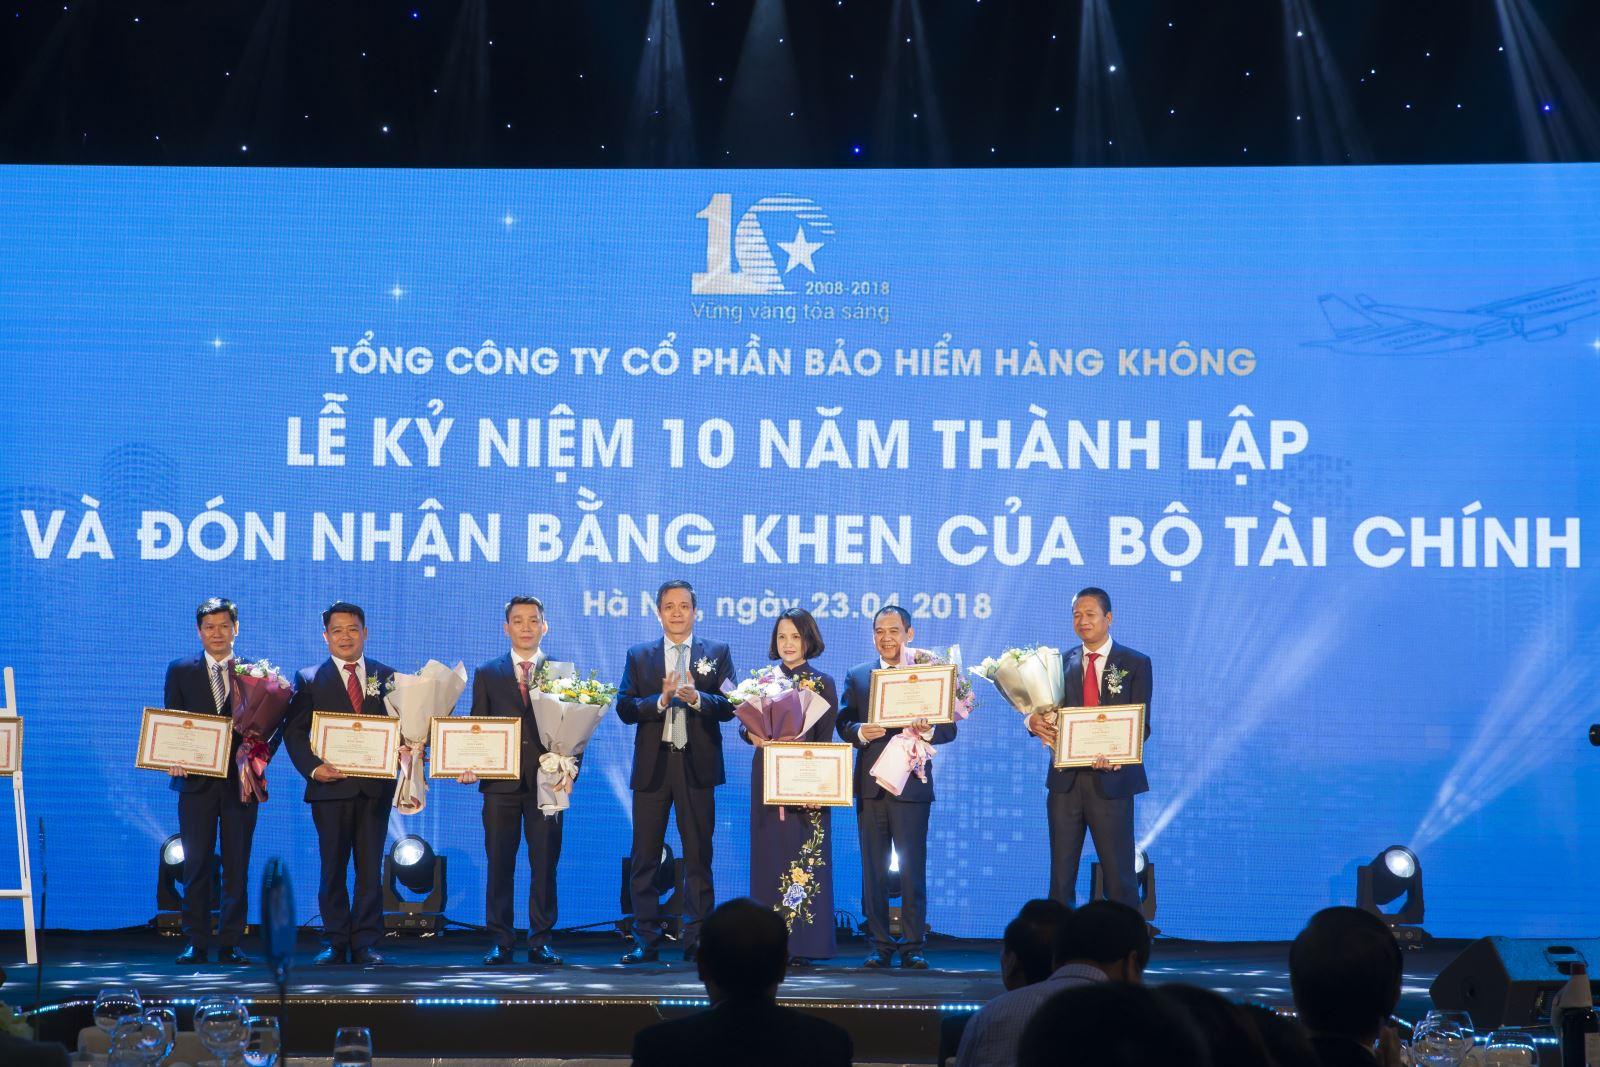 Bảo hiểm Hàng không (VNI) kỷ niệm 10 năm thành lập và đón nhận Bằng khen của Bộ Tài chính